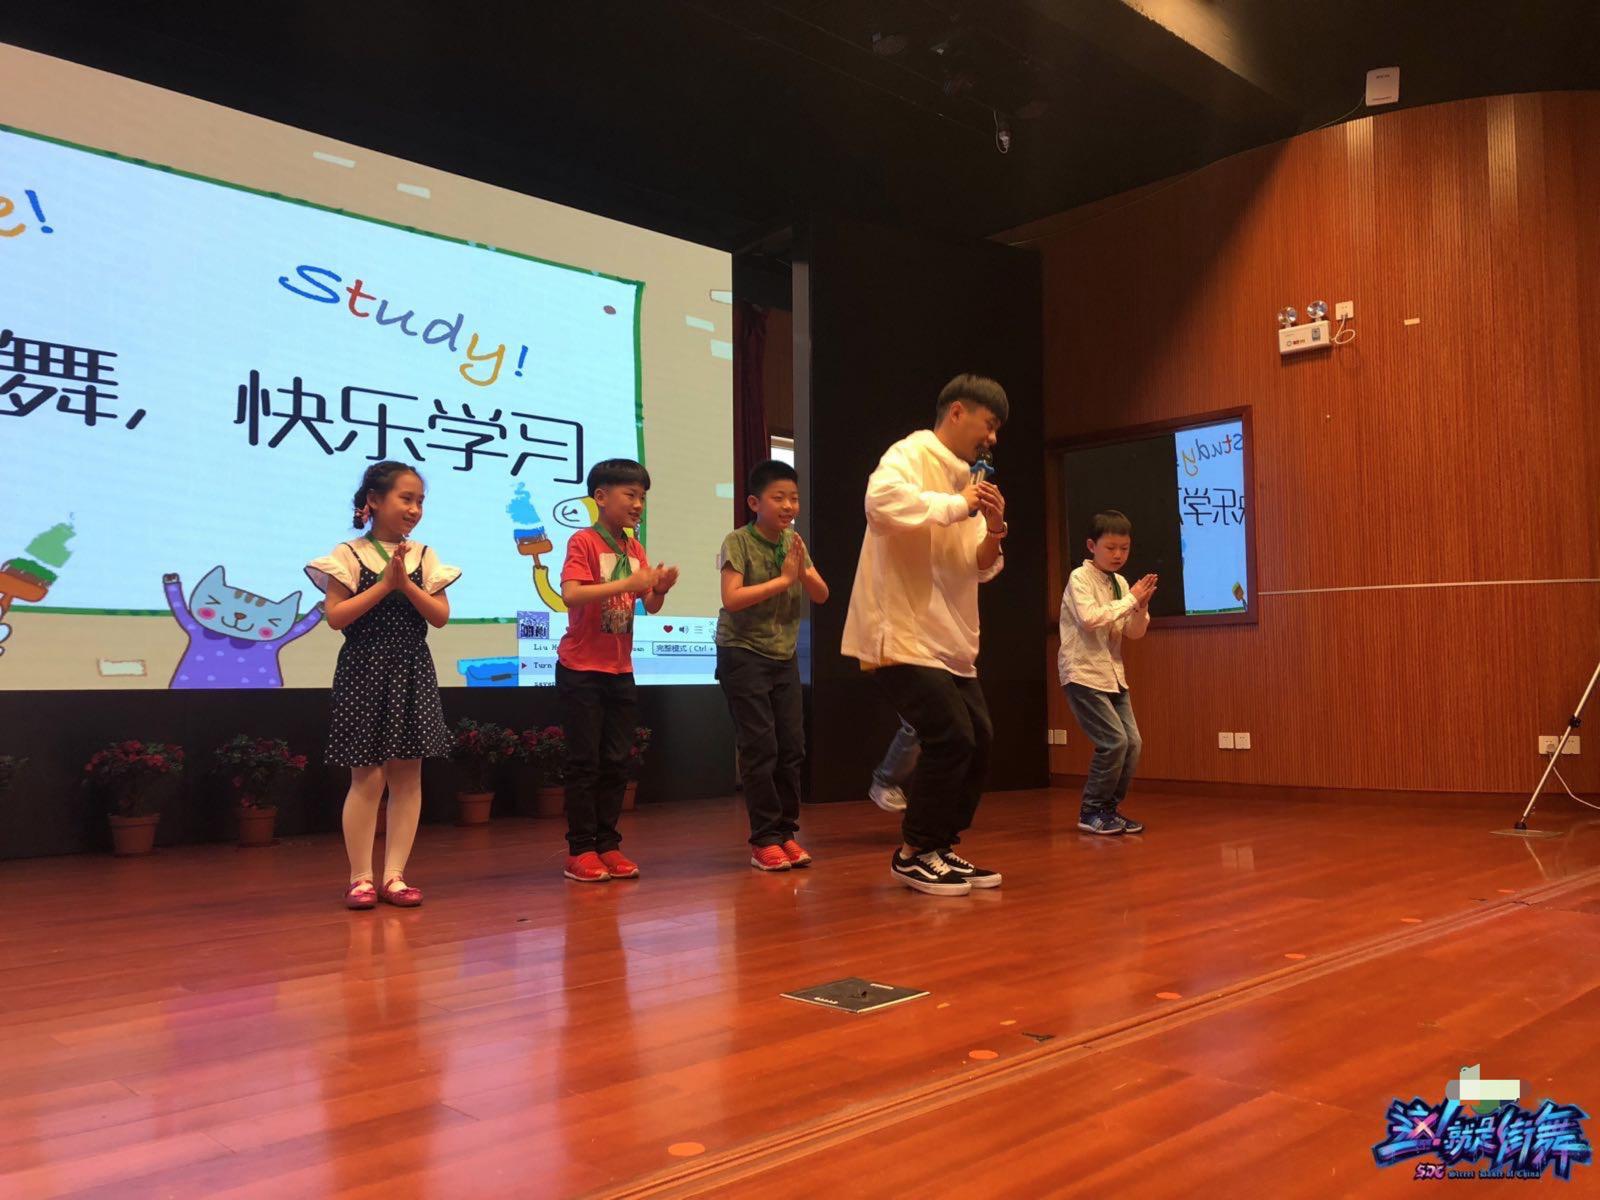 袋鼠携《好汉歌》空降校园 与小学生斗舞传递精神